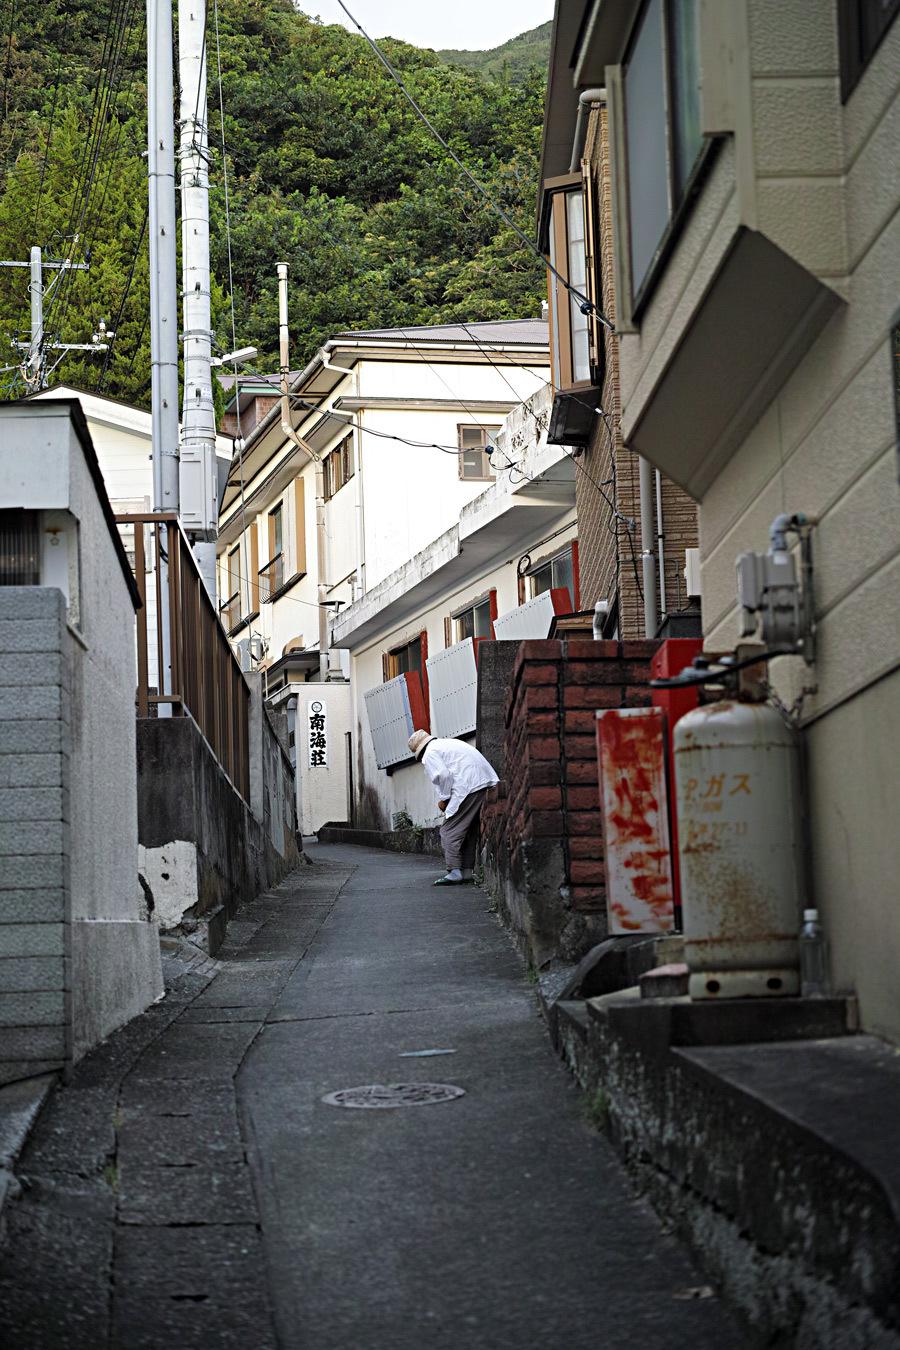 神津島特集⑥ 島のスナップ 街並みを中心に_c0223825_16333348.jpg